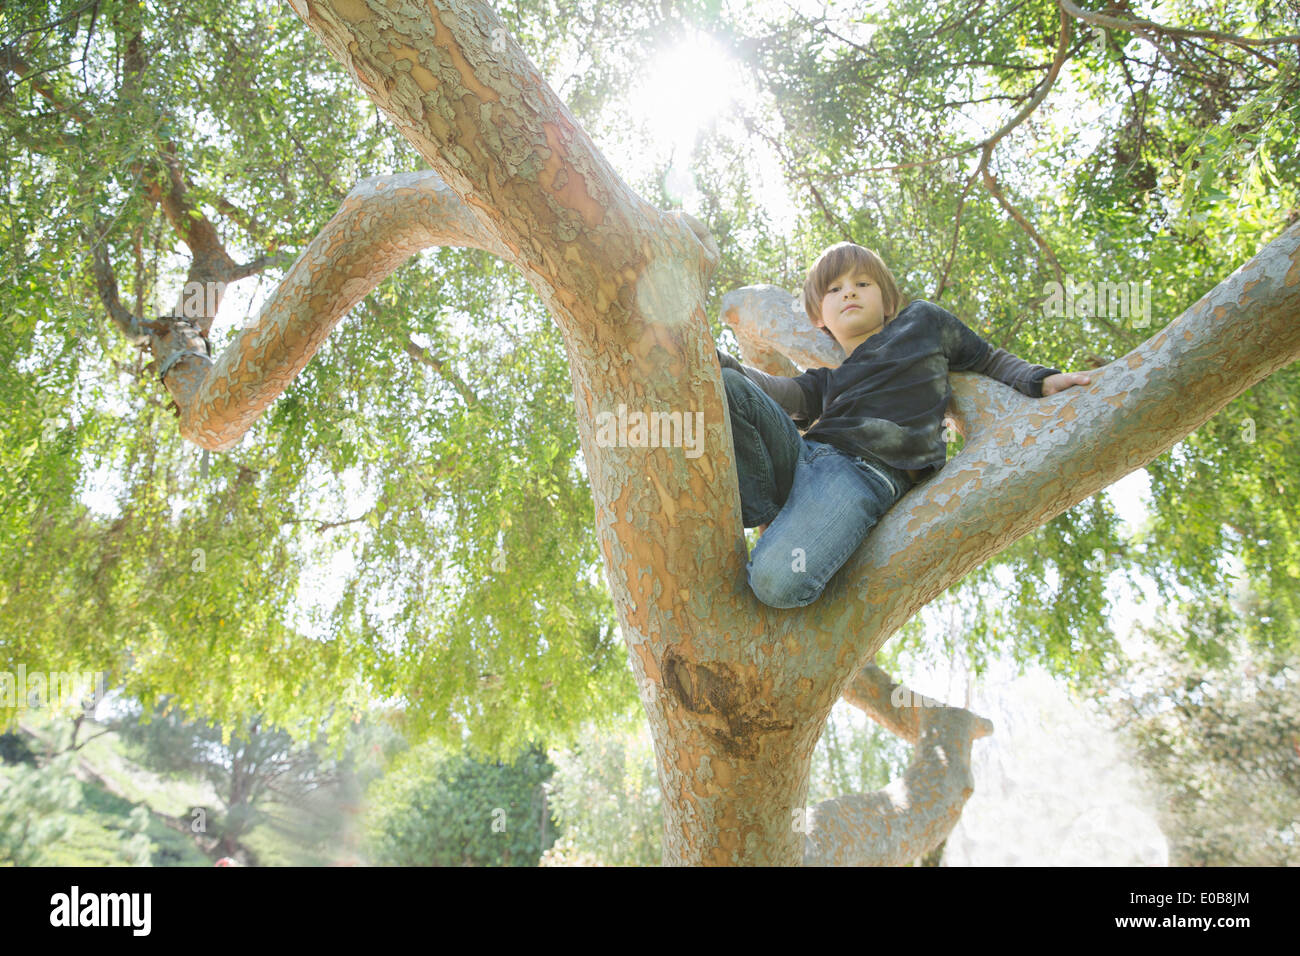 Junge im Baum versteckt und auf der Suche nach unten Stockbild